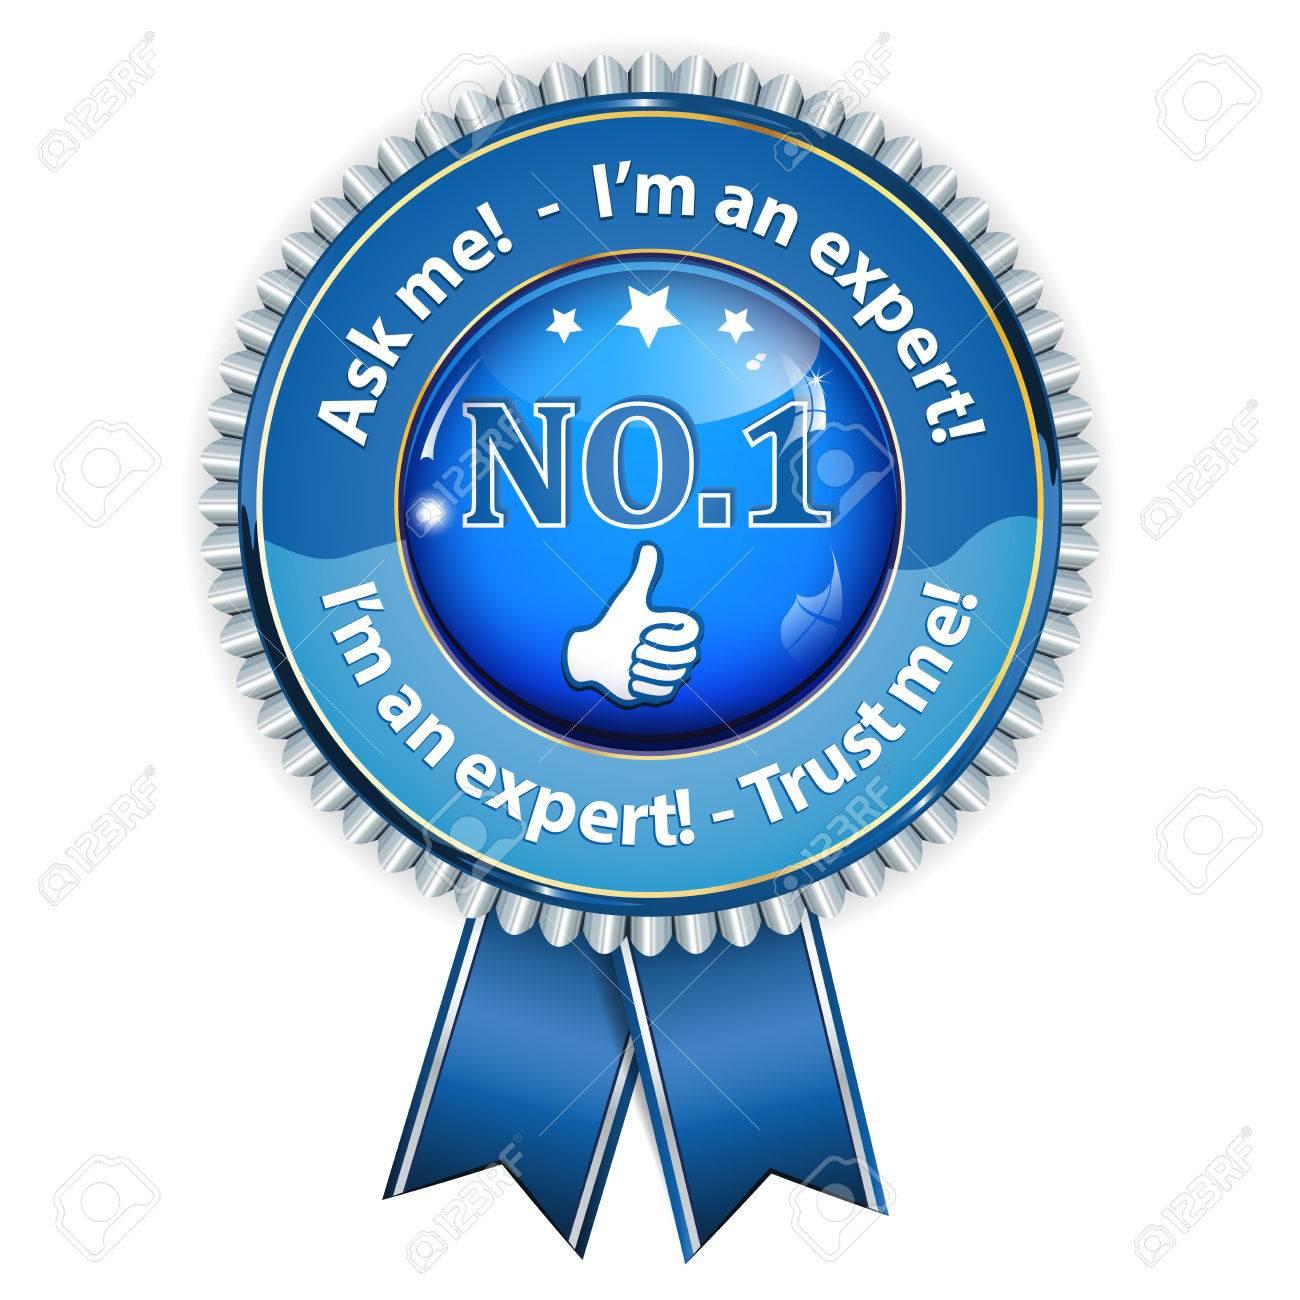 I'm an expert  Trust me, ask me - shiny blue business ribbon